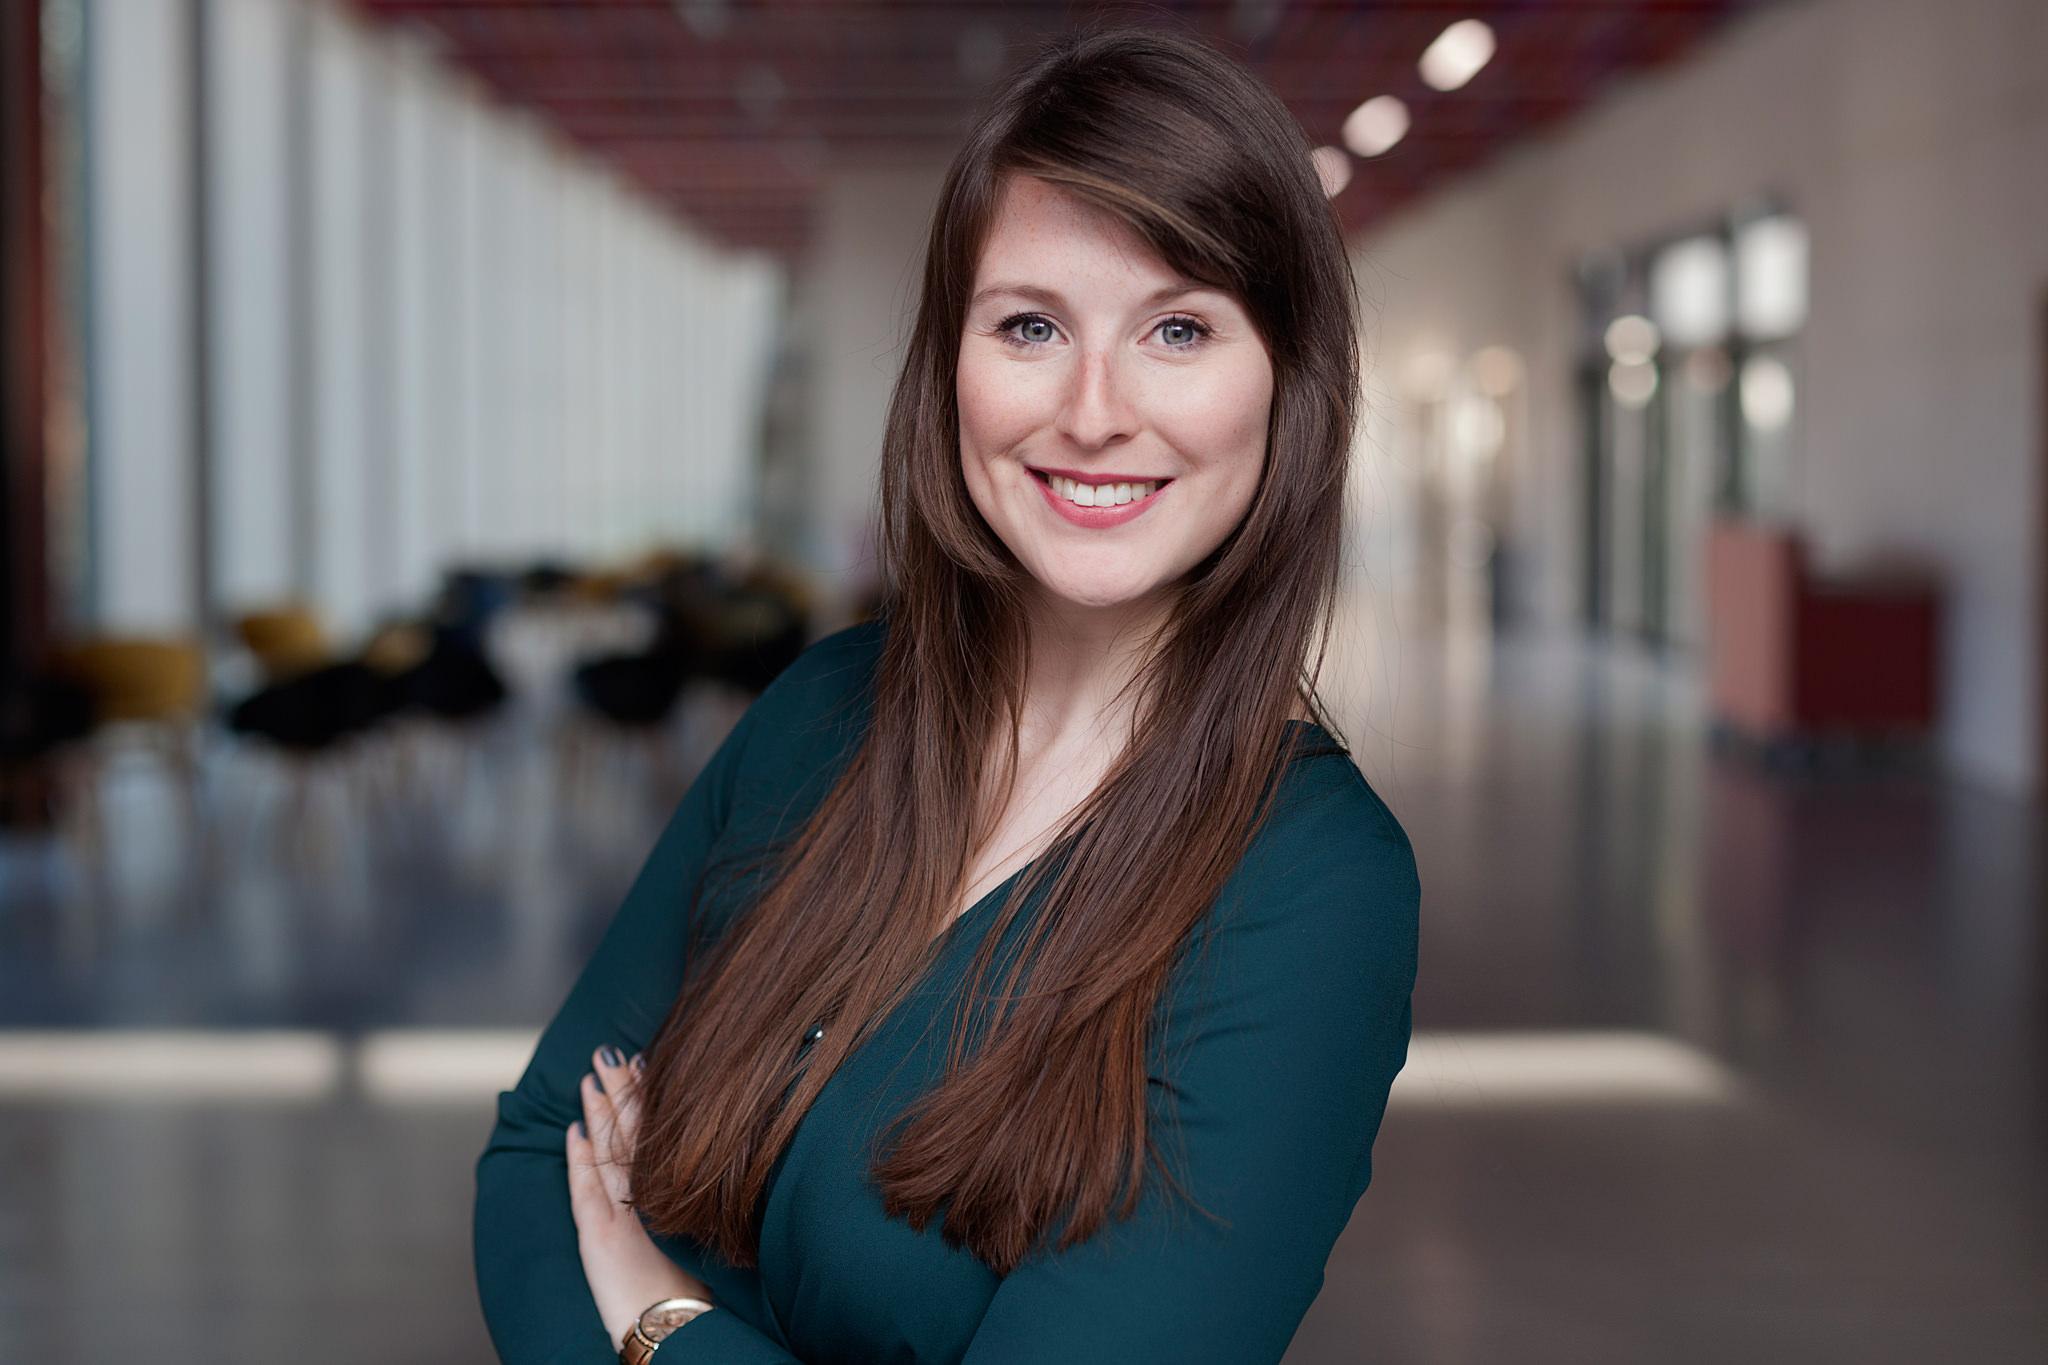 Business Portrait einer braunhaarigen Frau